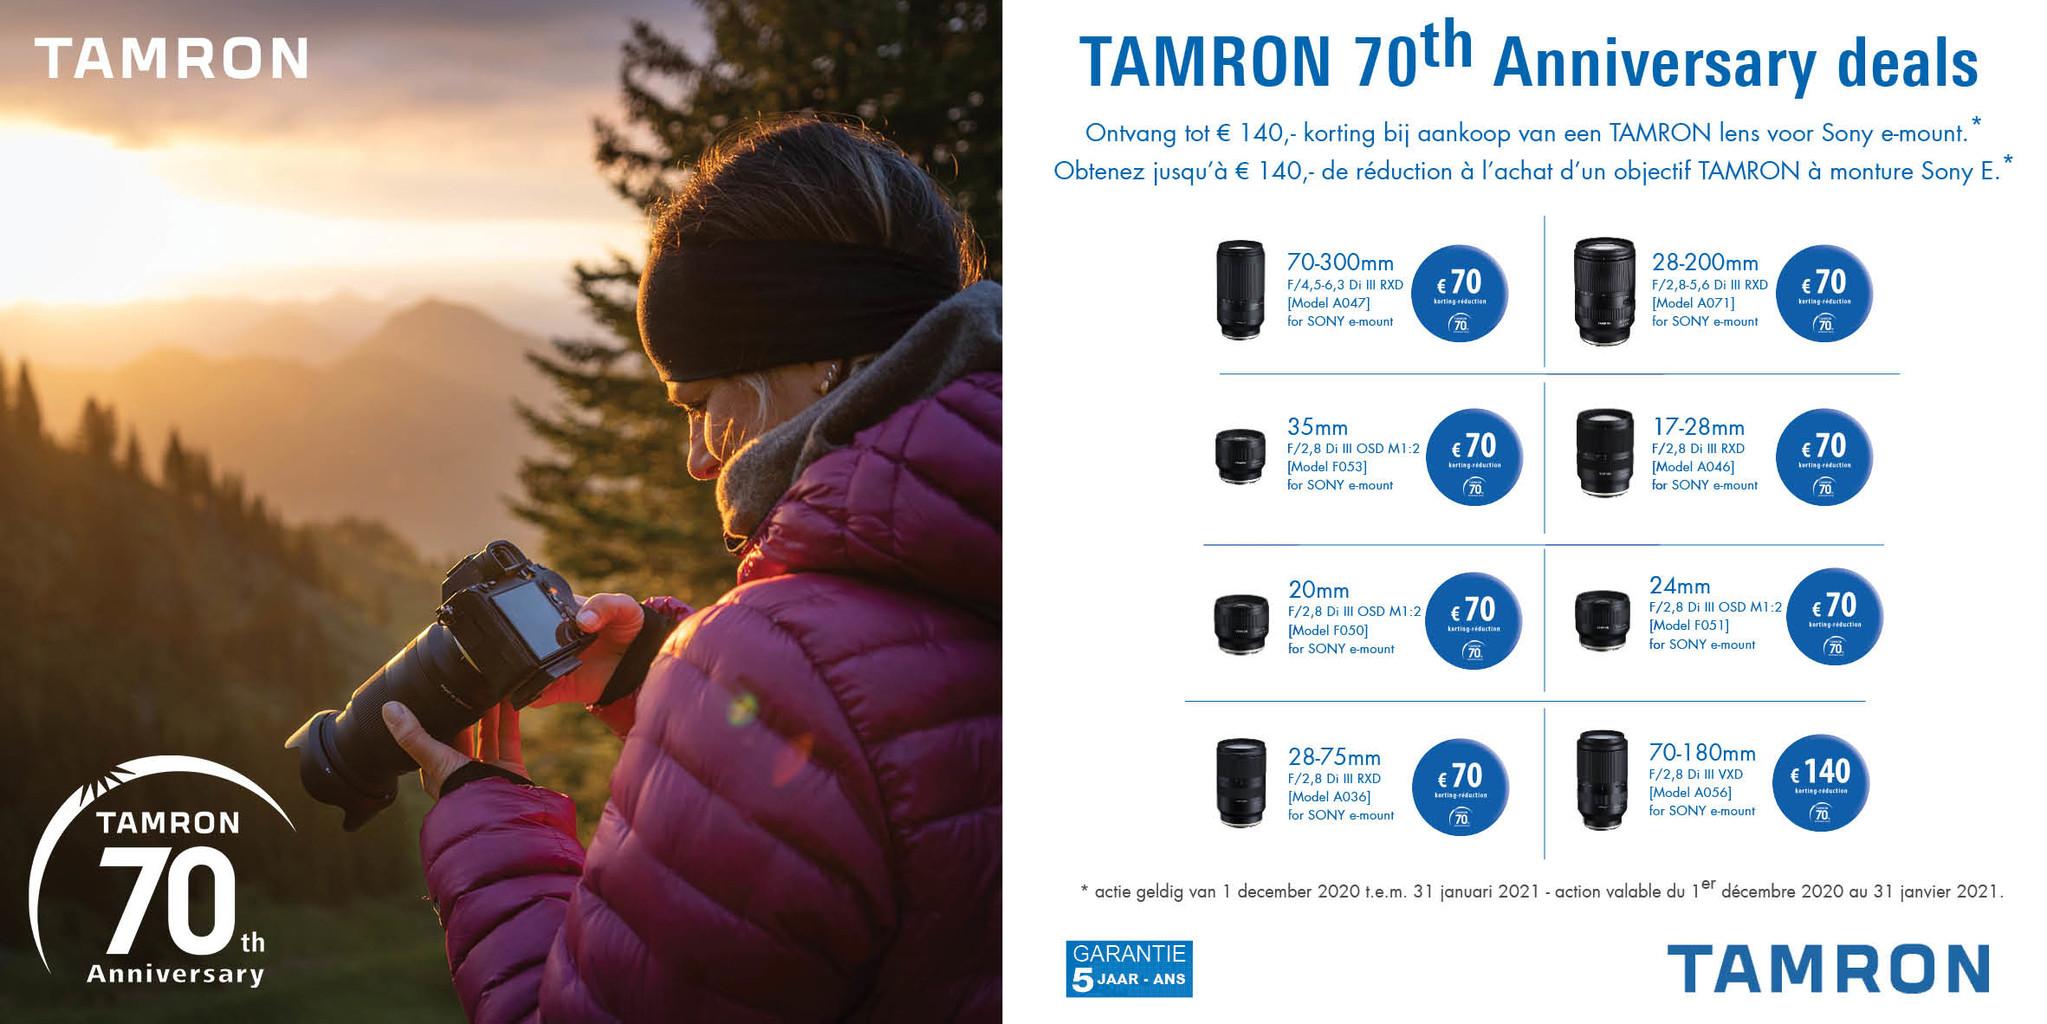 Tamron promotie korting